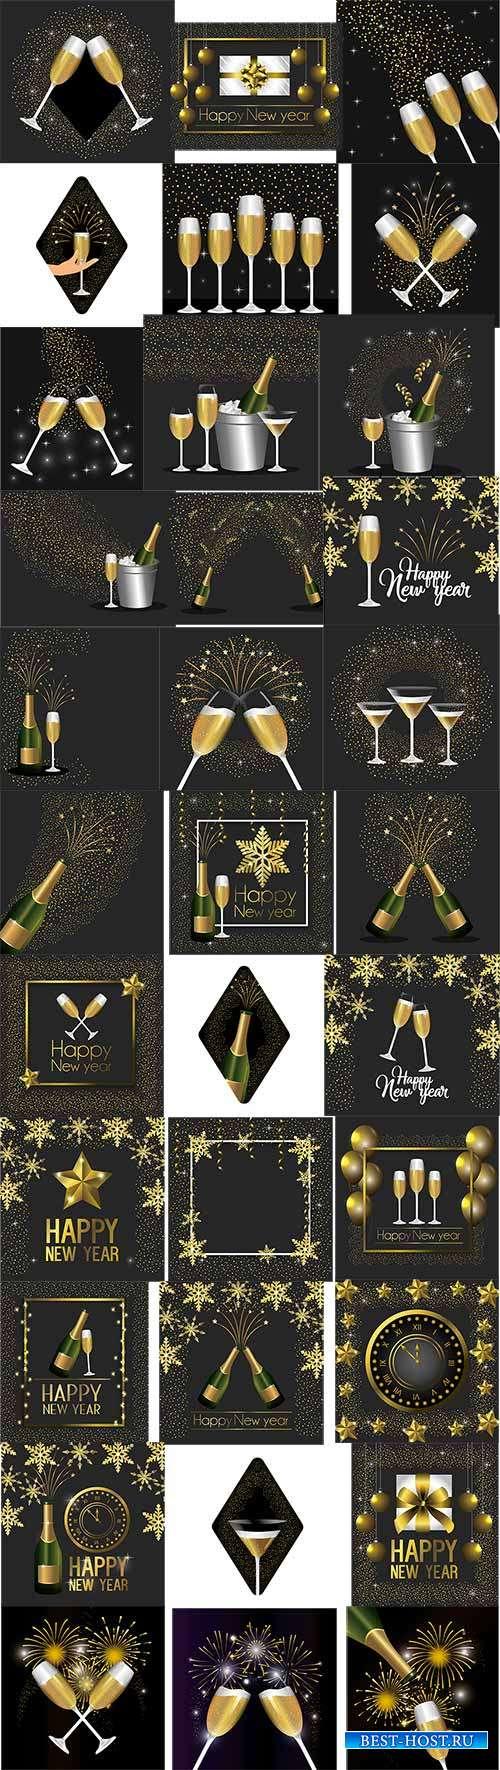 Бокалы с шампанским, звёзды, шары, блеск, часы - Новогодние элементы в векторе